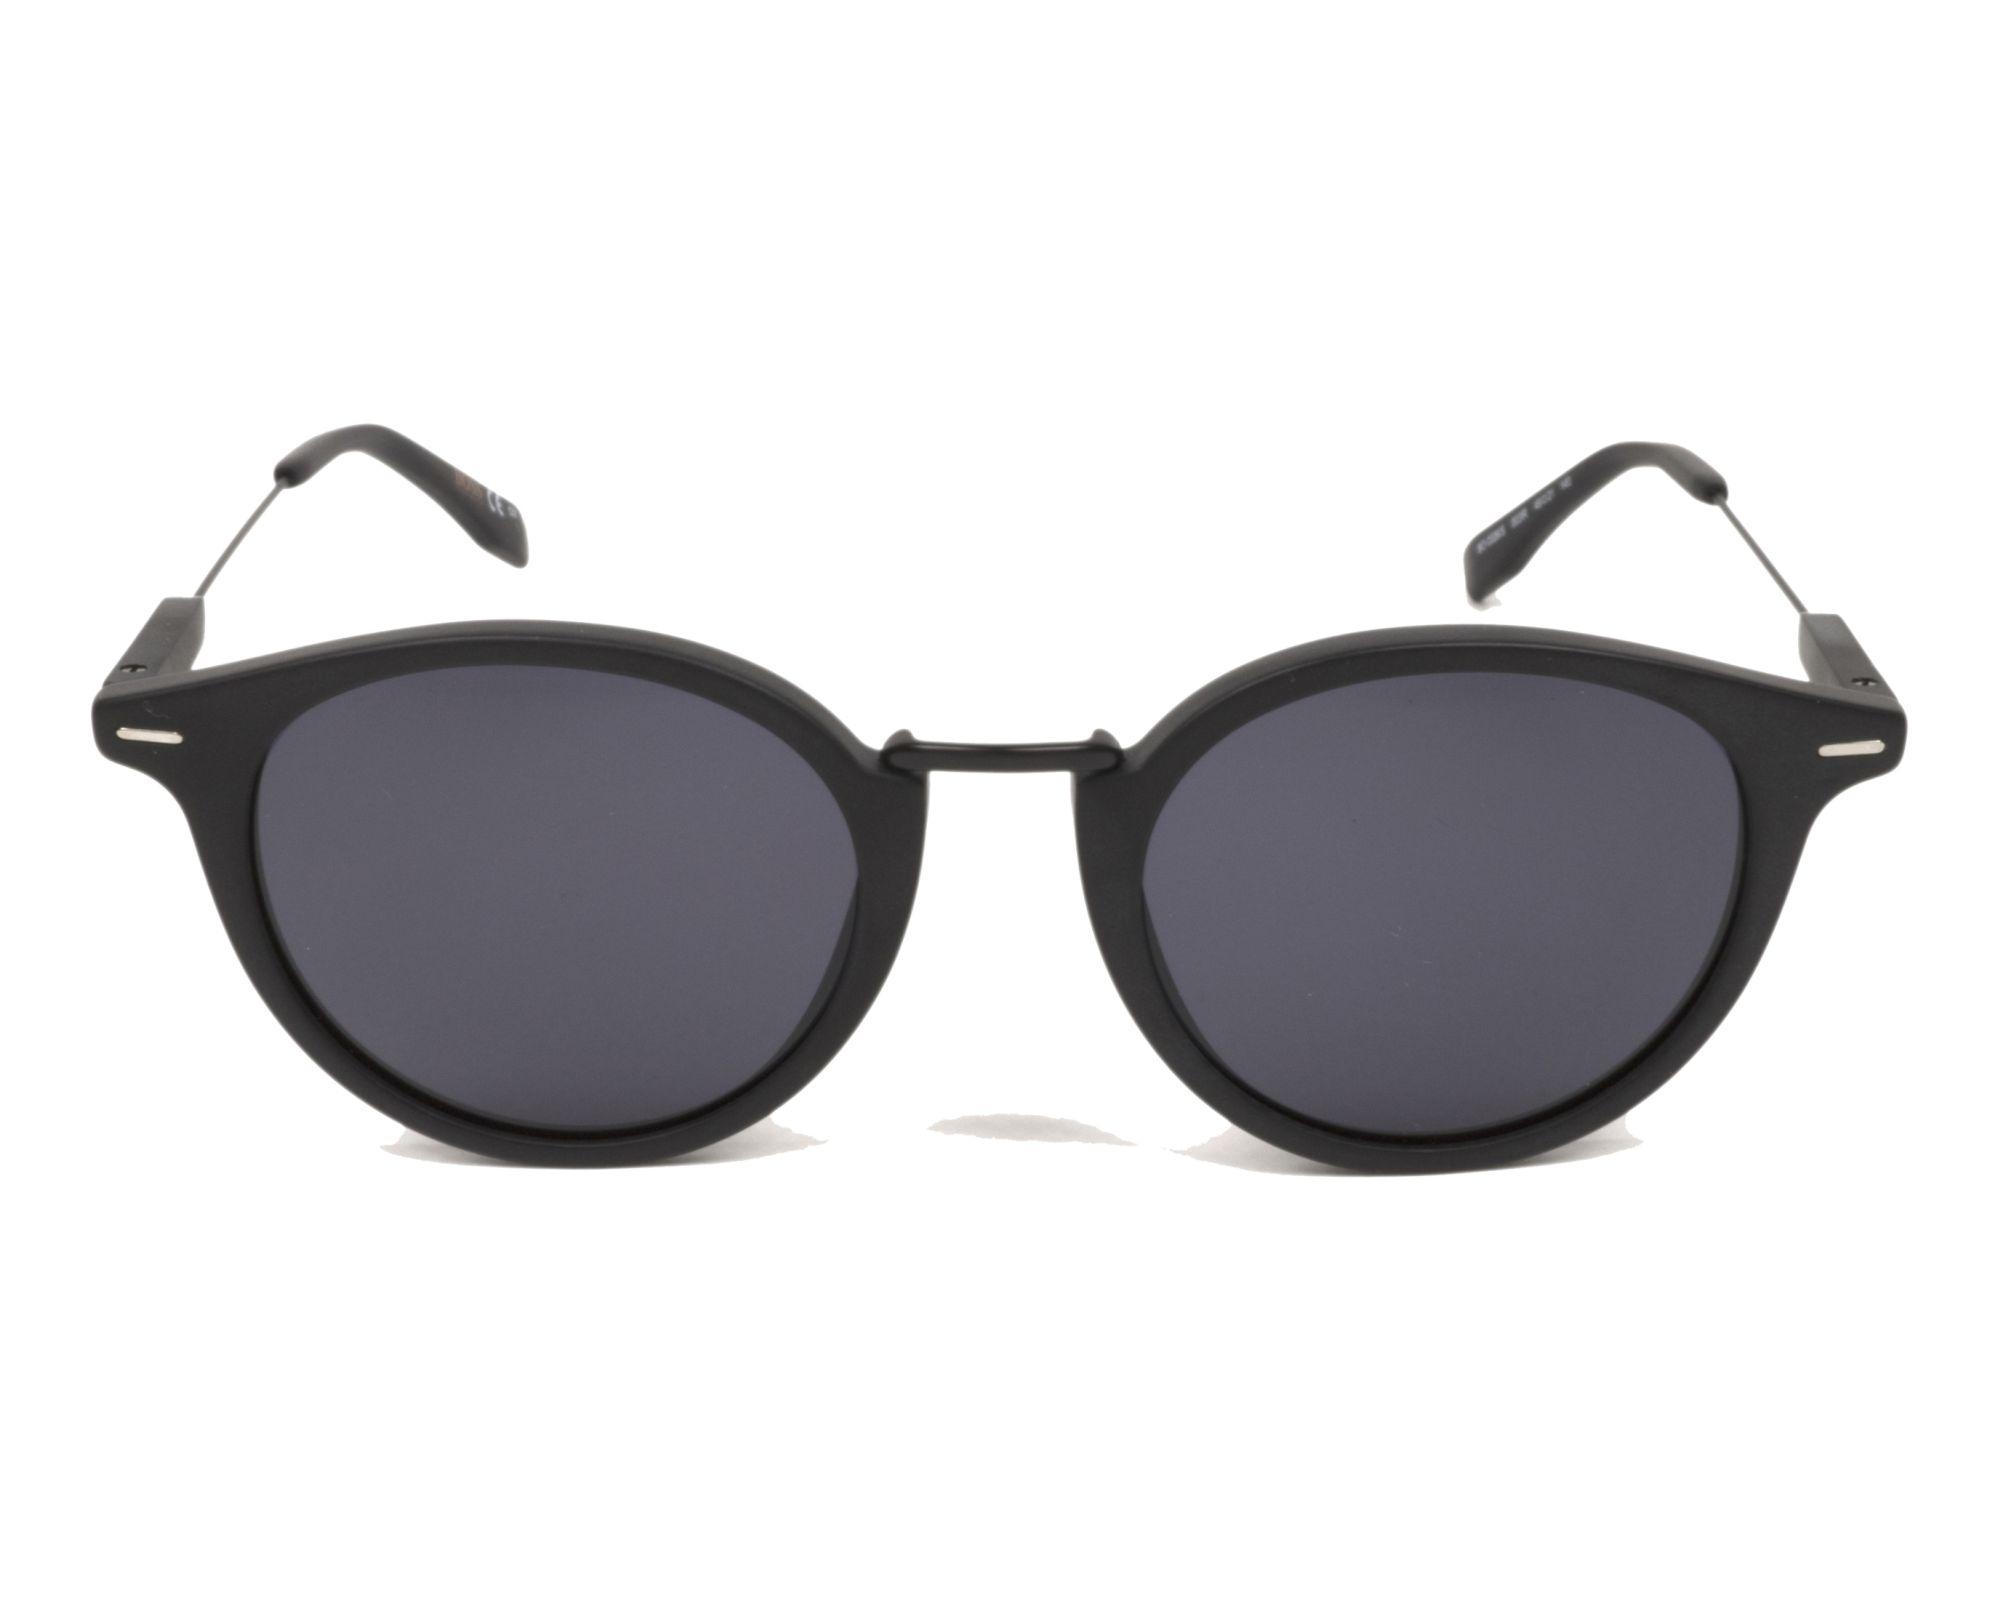 Sonnenbrillen BOSS - 0326/S Matt Black 003 zi7NQ